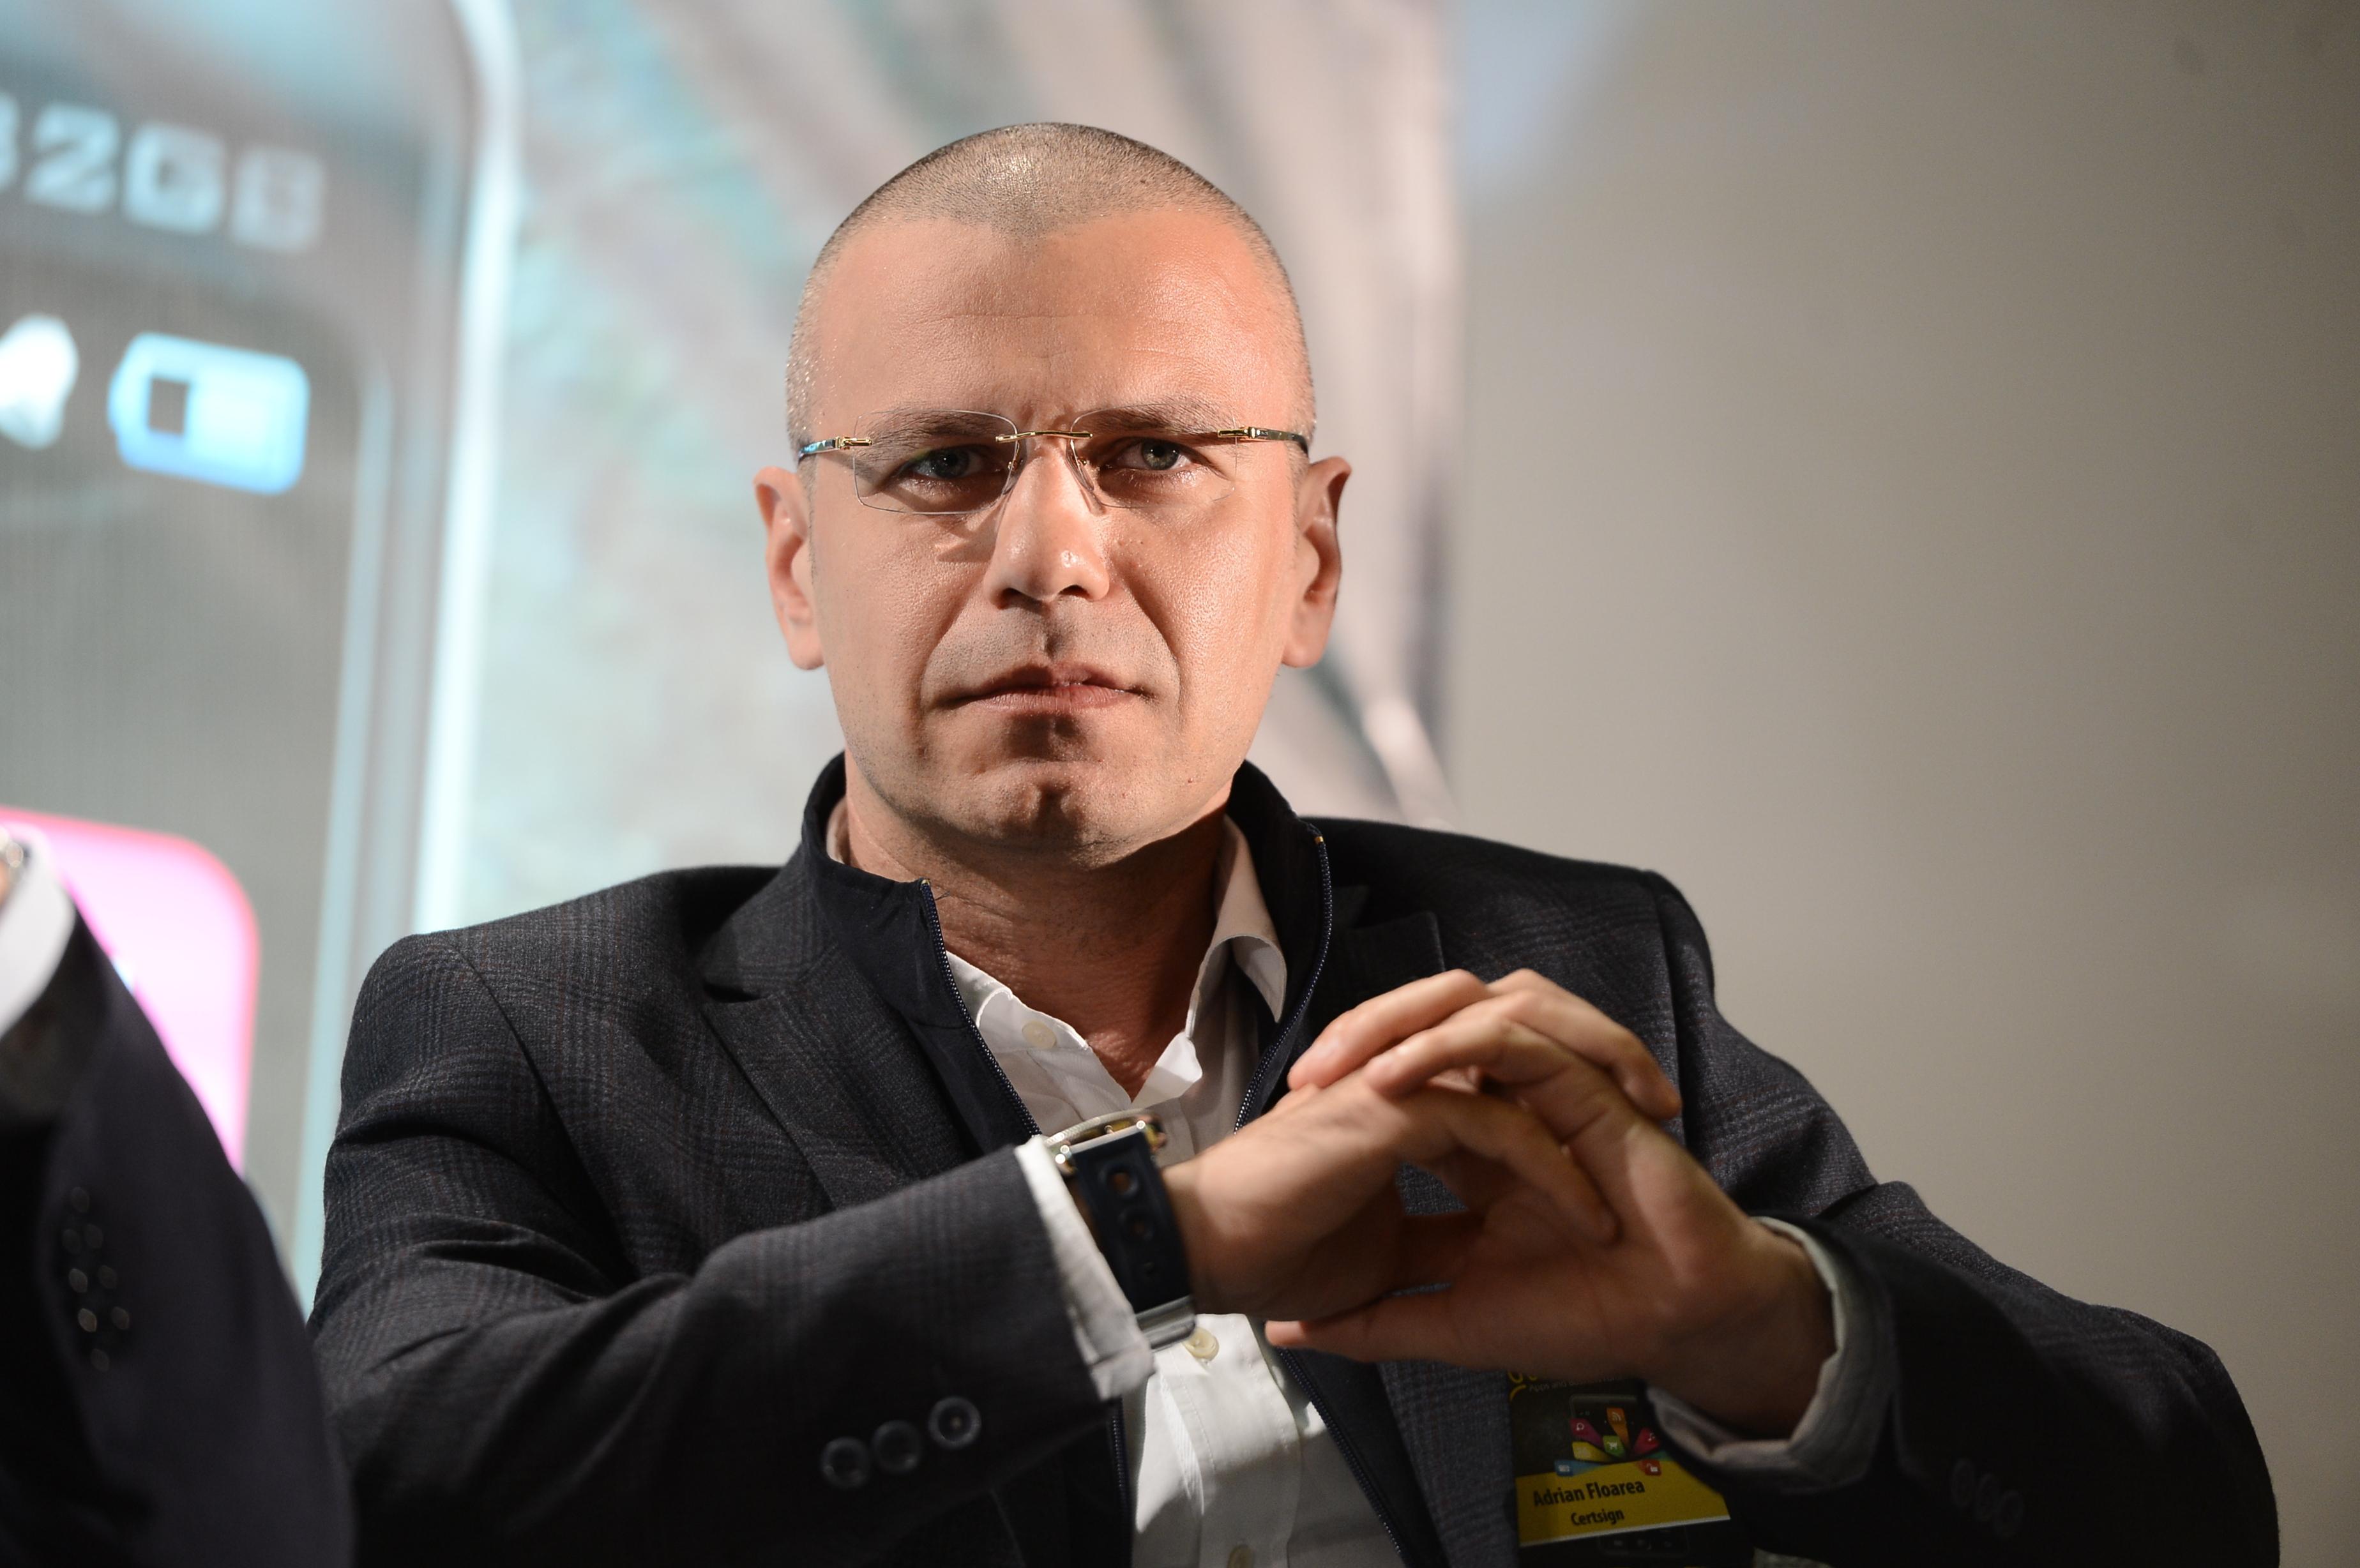 """Adrian Floarea, CEO certSIGN: Tot mai multe companii sunt interesate de """"go paperless"""". Anul acesta vom creşte cel mai mult pe partea de securizare a dispozitivelor mobile"""